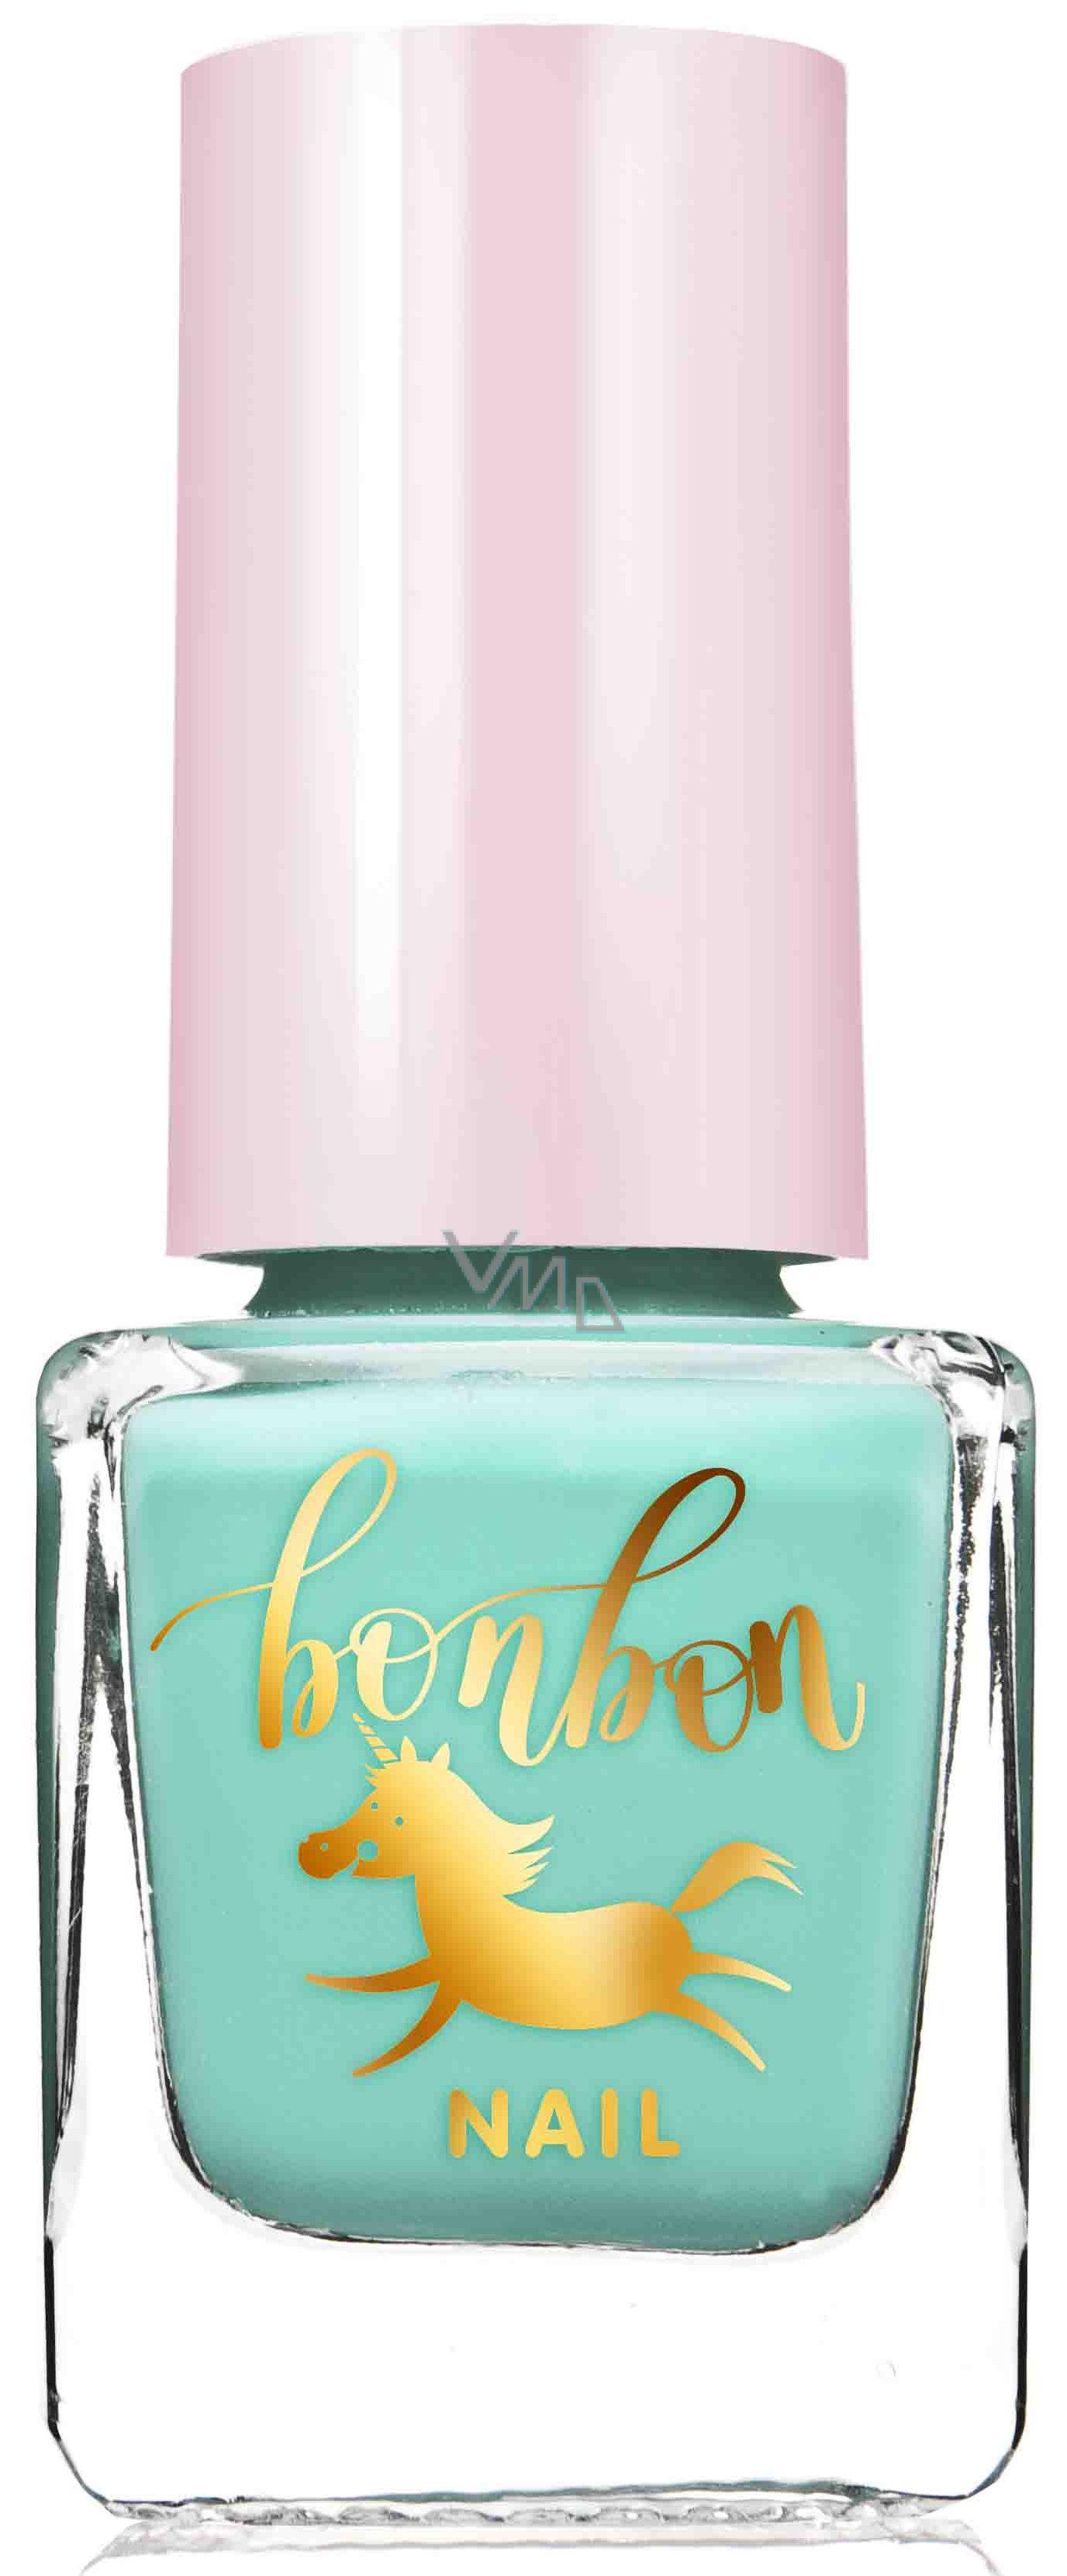 Dor Cosmetics Bonbon Na Vodni Bazi Lak Na Nehty Pro Deti 05 Svetla Tyrkysova 5 Ml Vmd Drogerie A Parfumerie